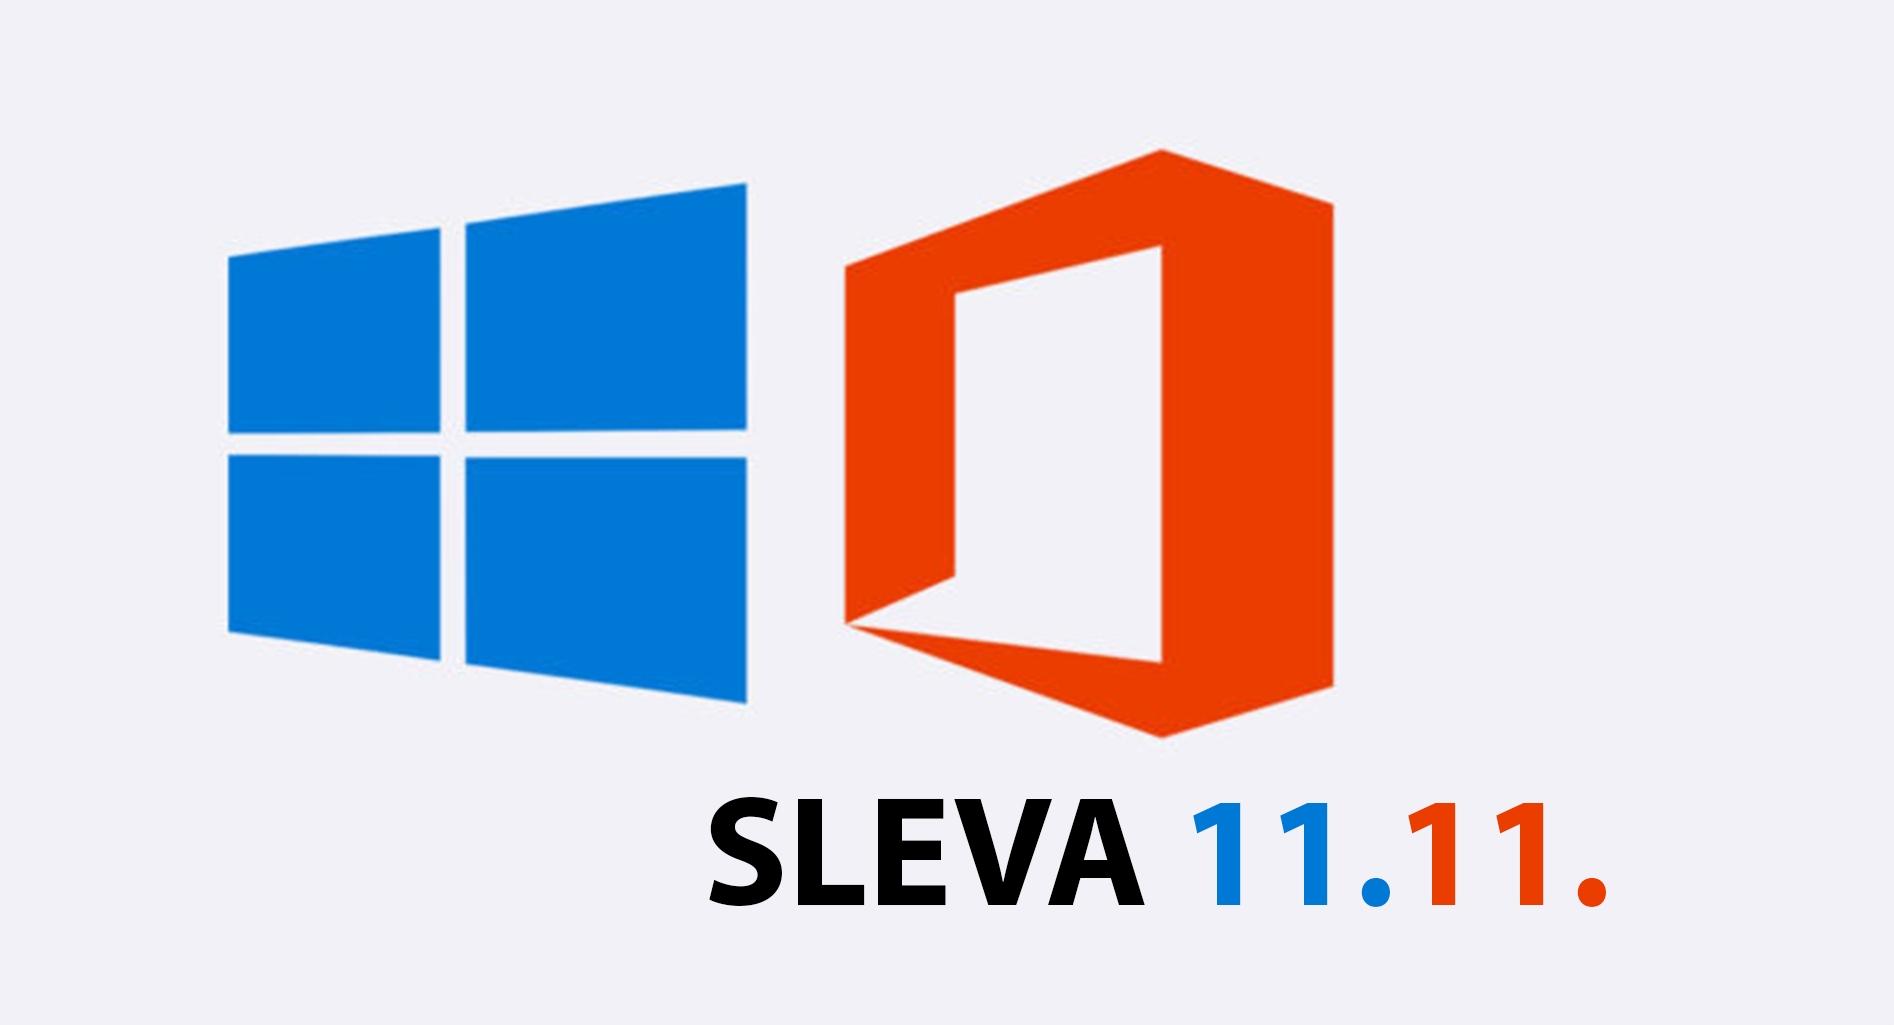 Získejte nyní originální doživotní licenci Windows 10 pouze za 297 Kč, Office 2019 za 959 Kč [sponzorovaný článek]